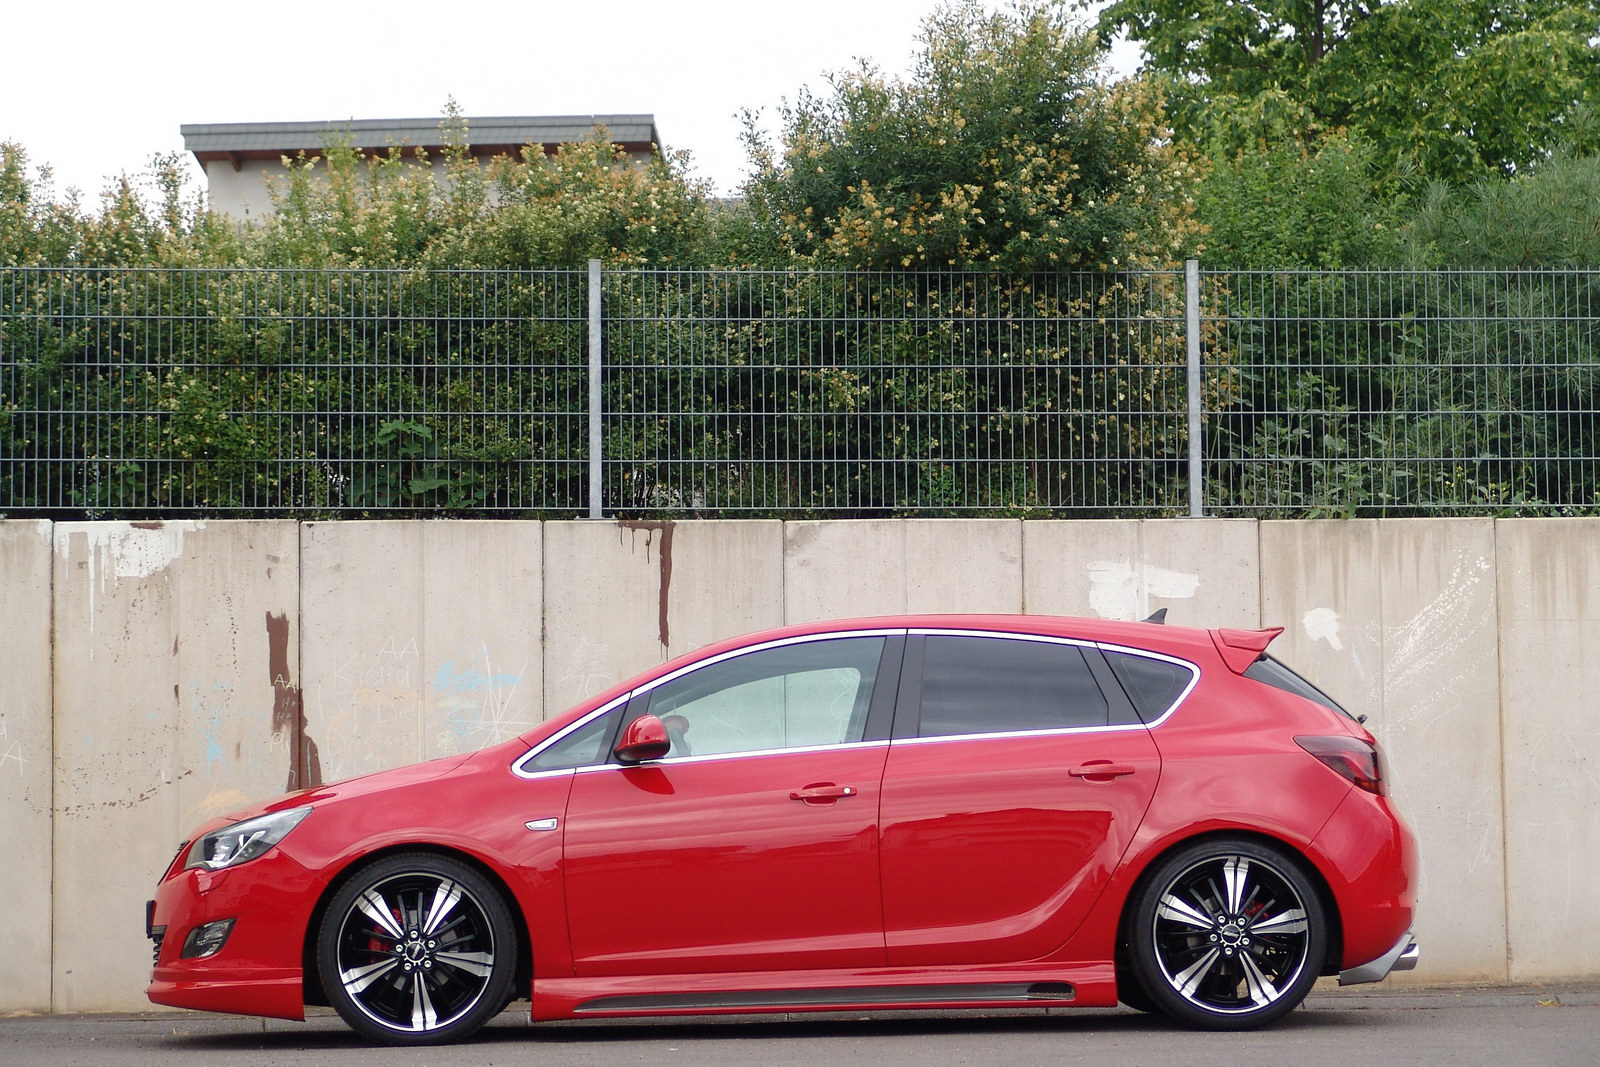 Senner vytvořil povedenou úpravu pro Opel Astra 2